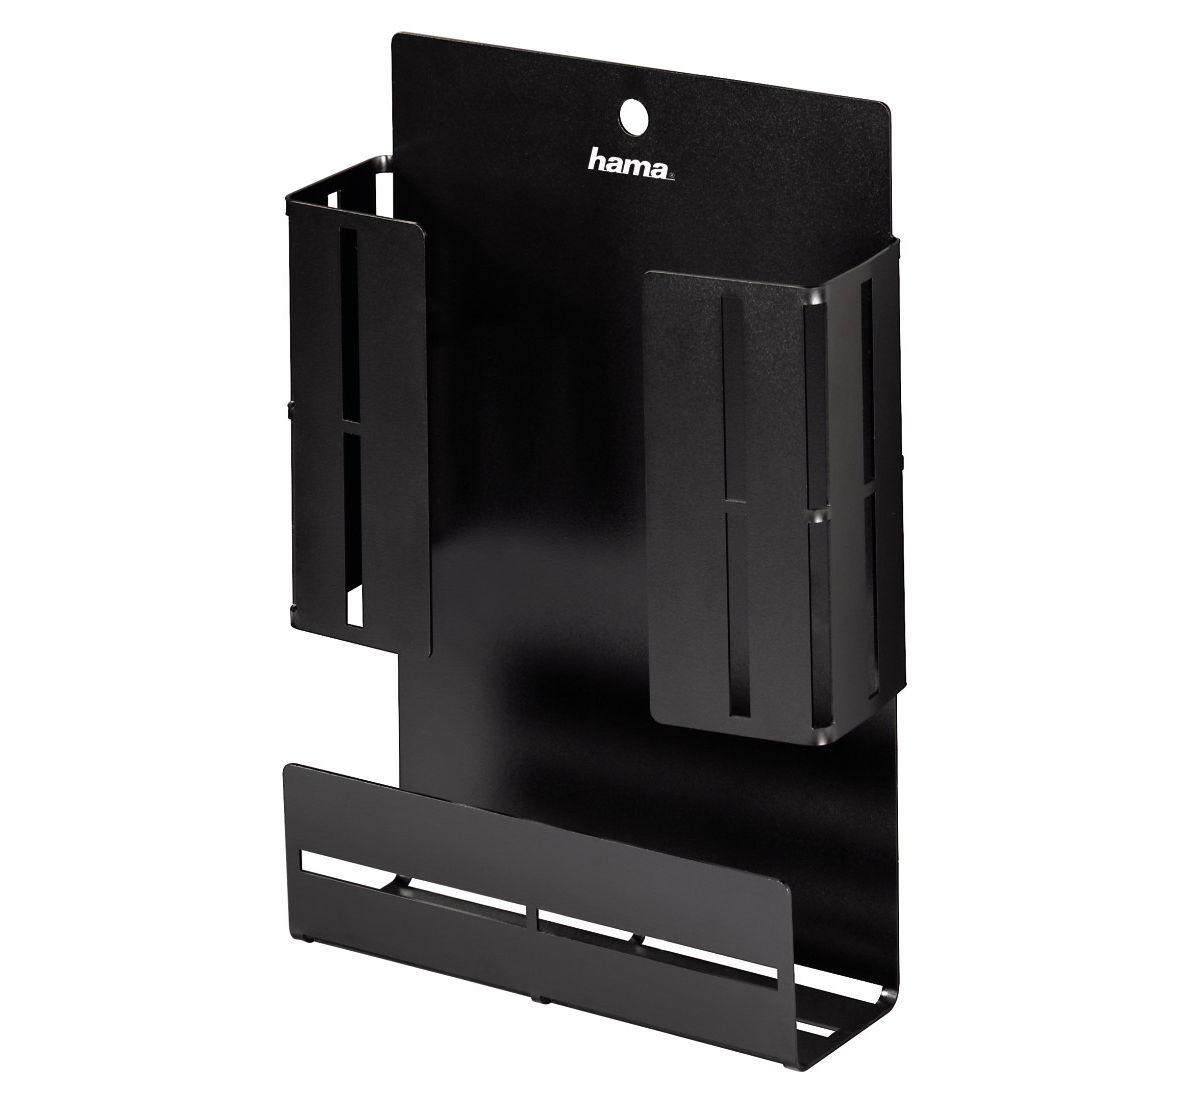 Hama TV-Zubehör-Box, Metall, groß, 15 x 4,5 x 2...